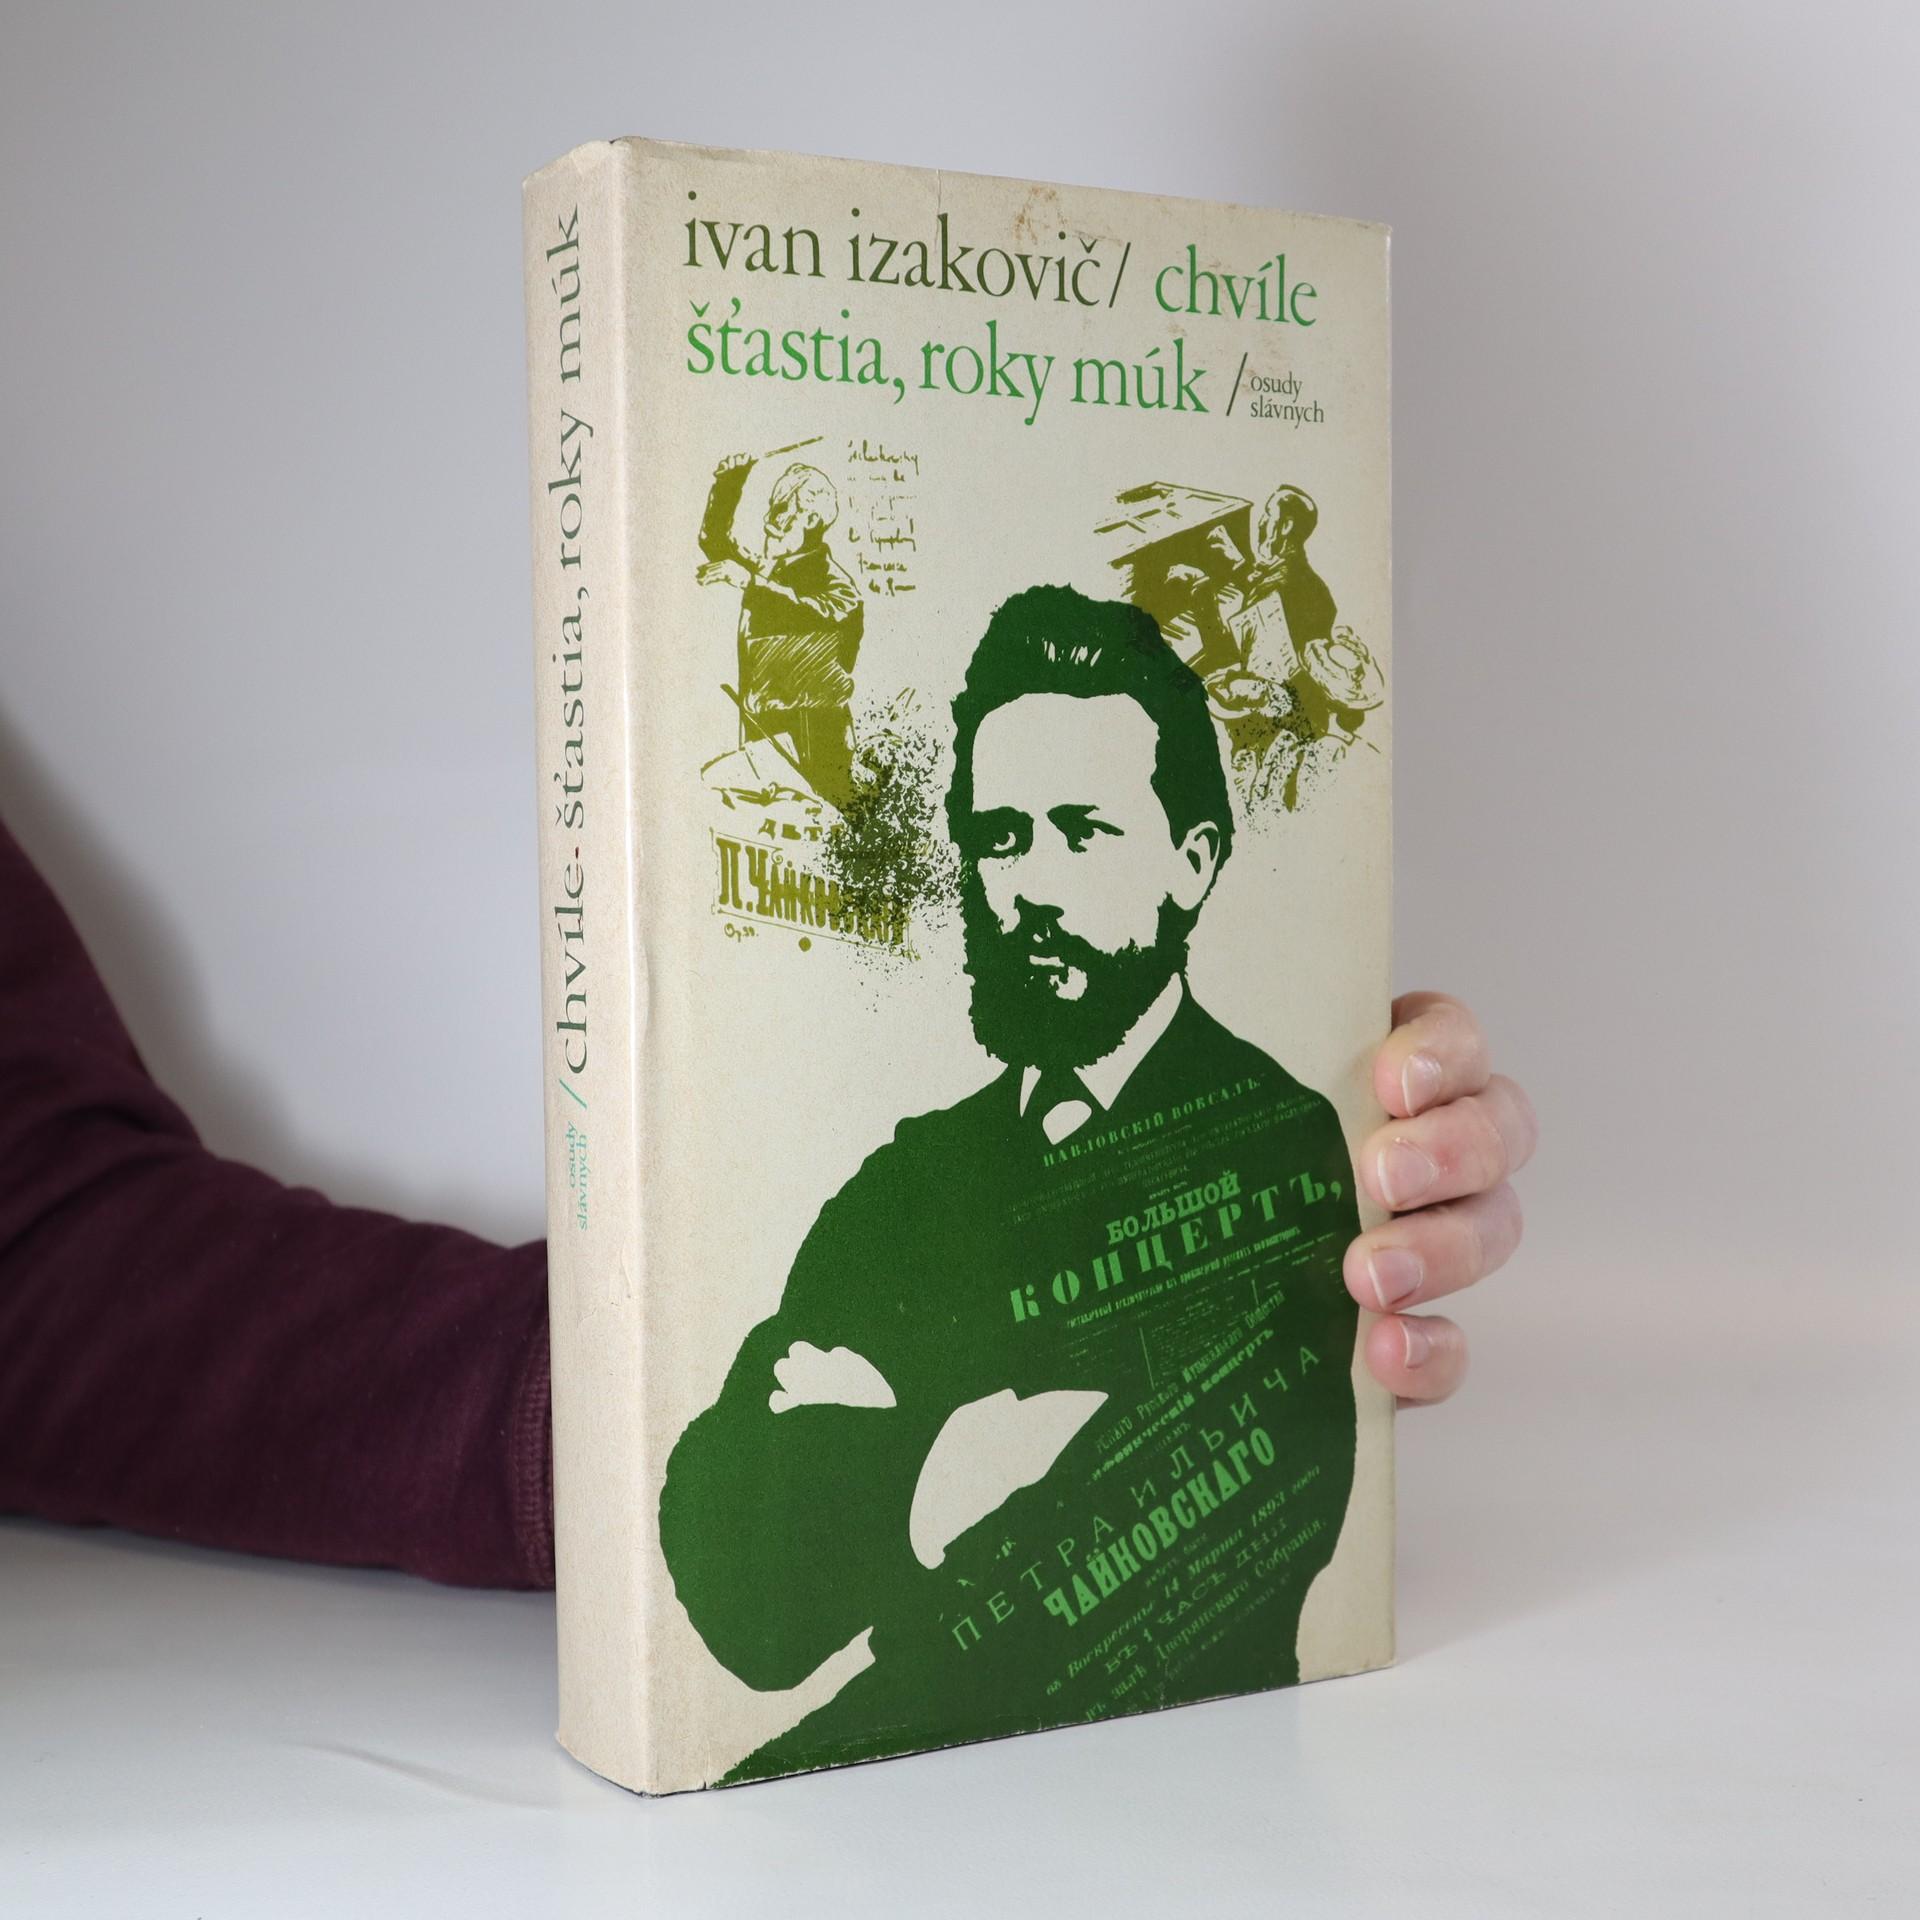 antikvární kniha Chvíle šťastia, roky múk Chvíle šťastia, roky múk : o Čajkovskom, 1983